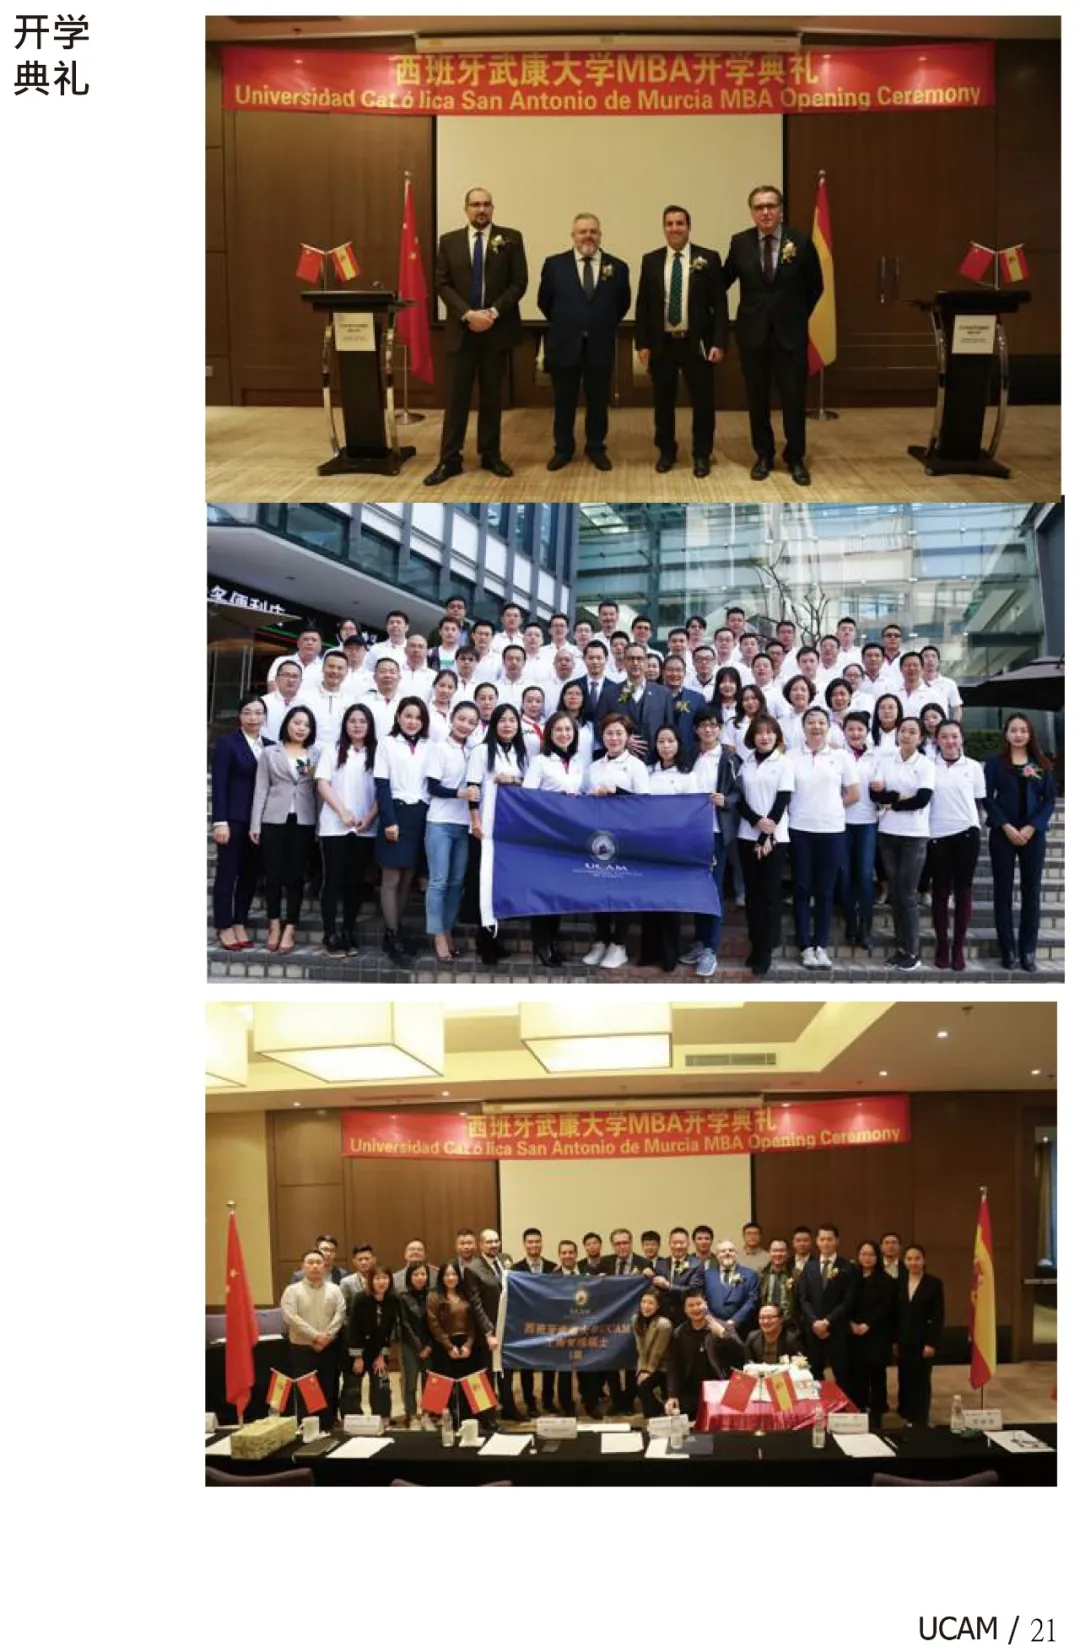 欧洲学位班 西班牙学位班 武康大学DBA 武康大学博士班